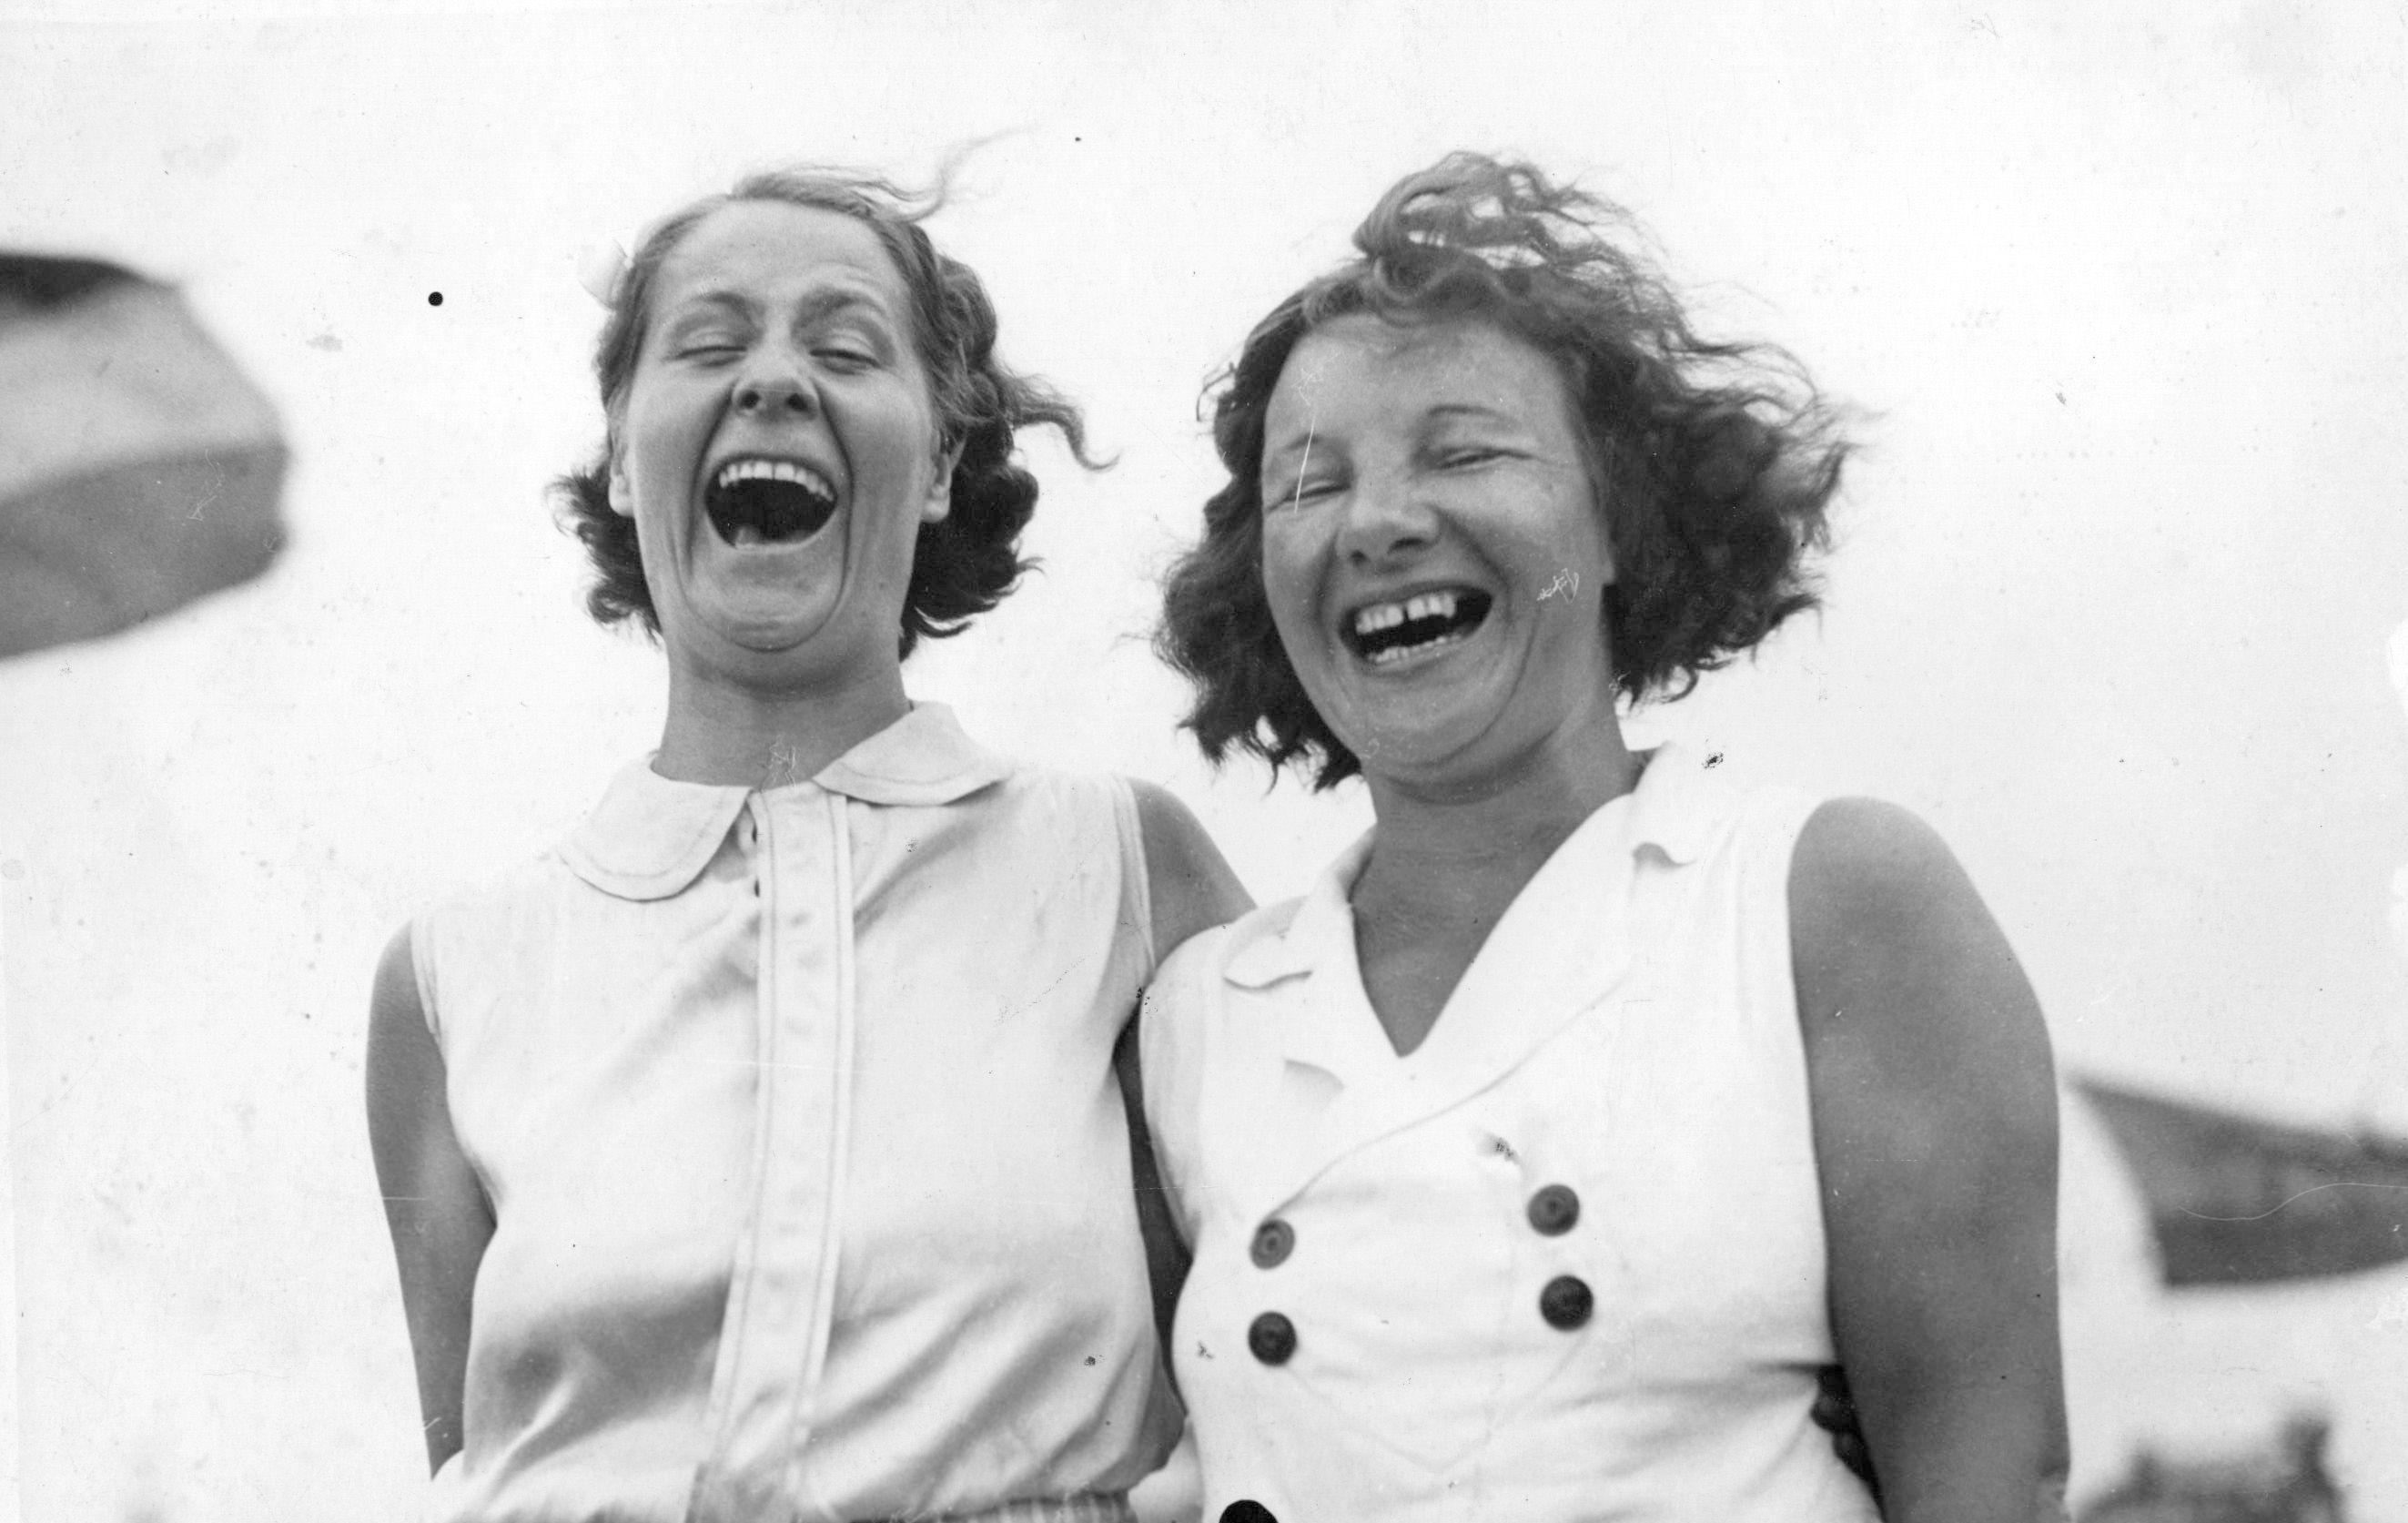 Sonrisa. Felicidad. Mujeres